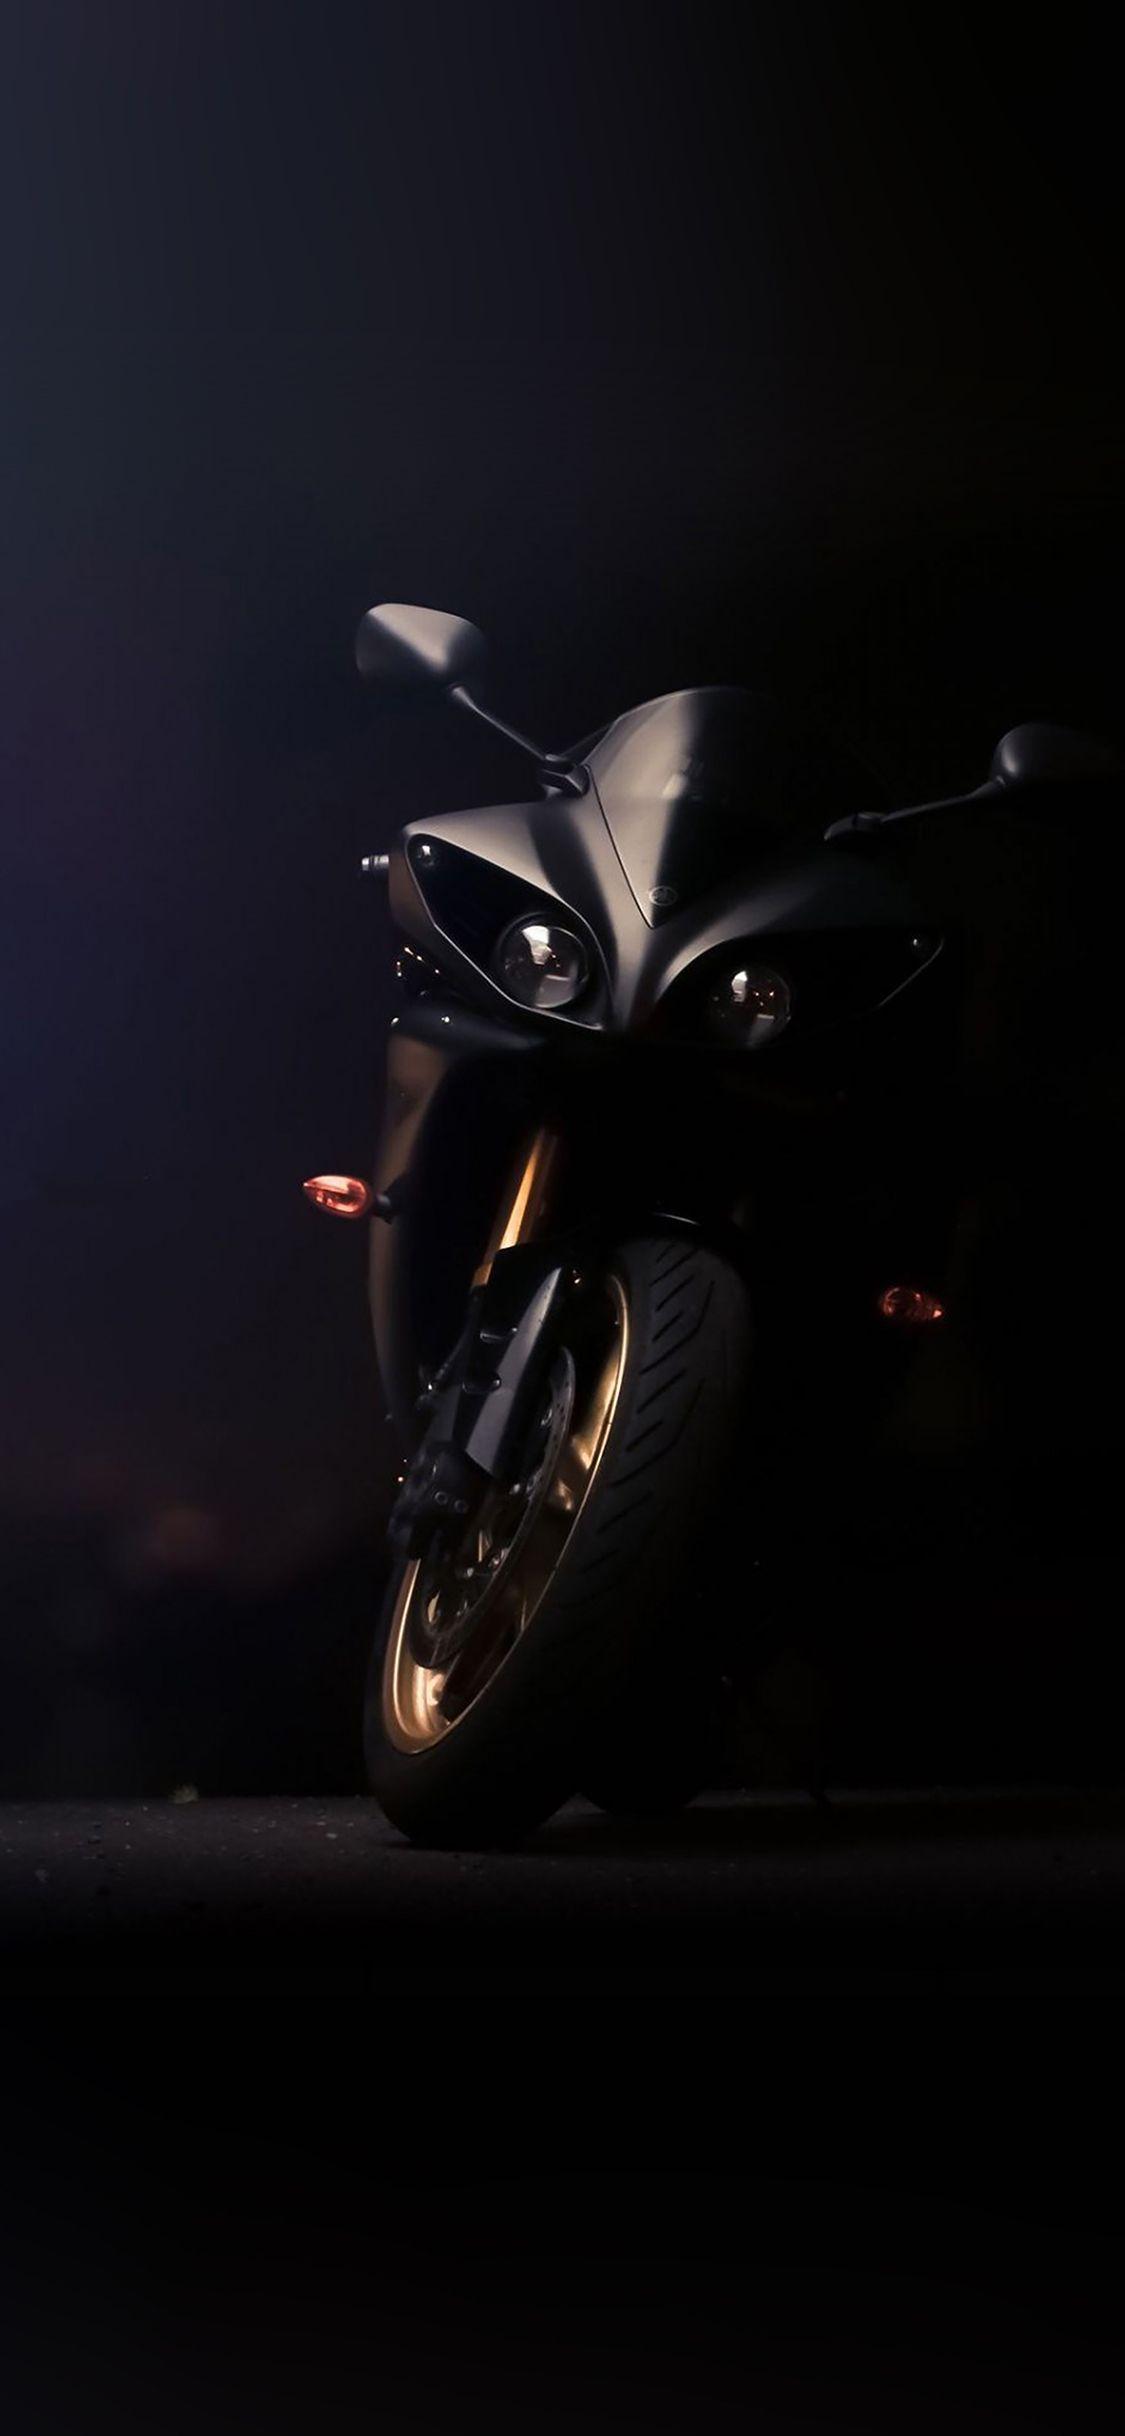 Iphonex Wallpaper Af47 Yamaha Ride Motorbike Motorcycle